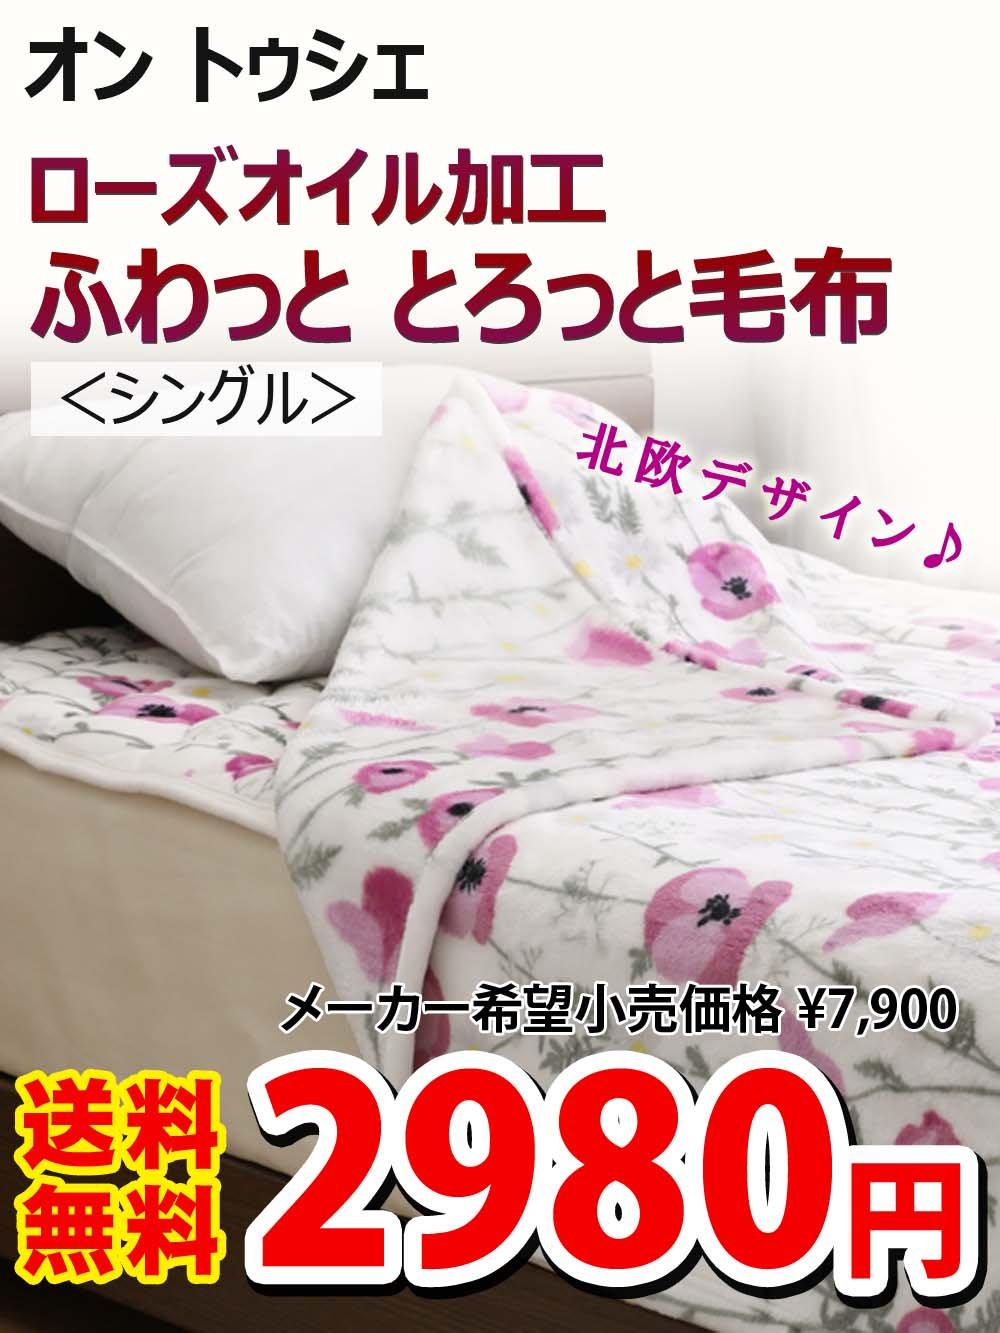 【送料無料】オントゥシェ ローズオイル加工 ふわっと とろっと毛布 北欧デザイン<シングル>【2980円】